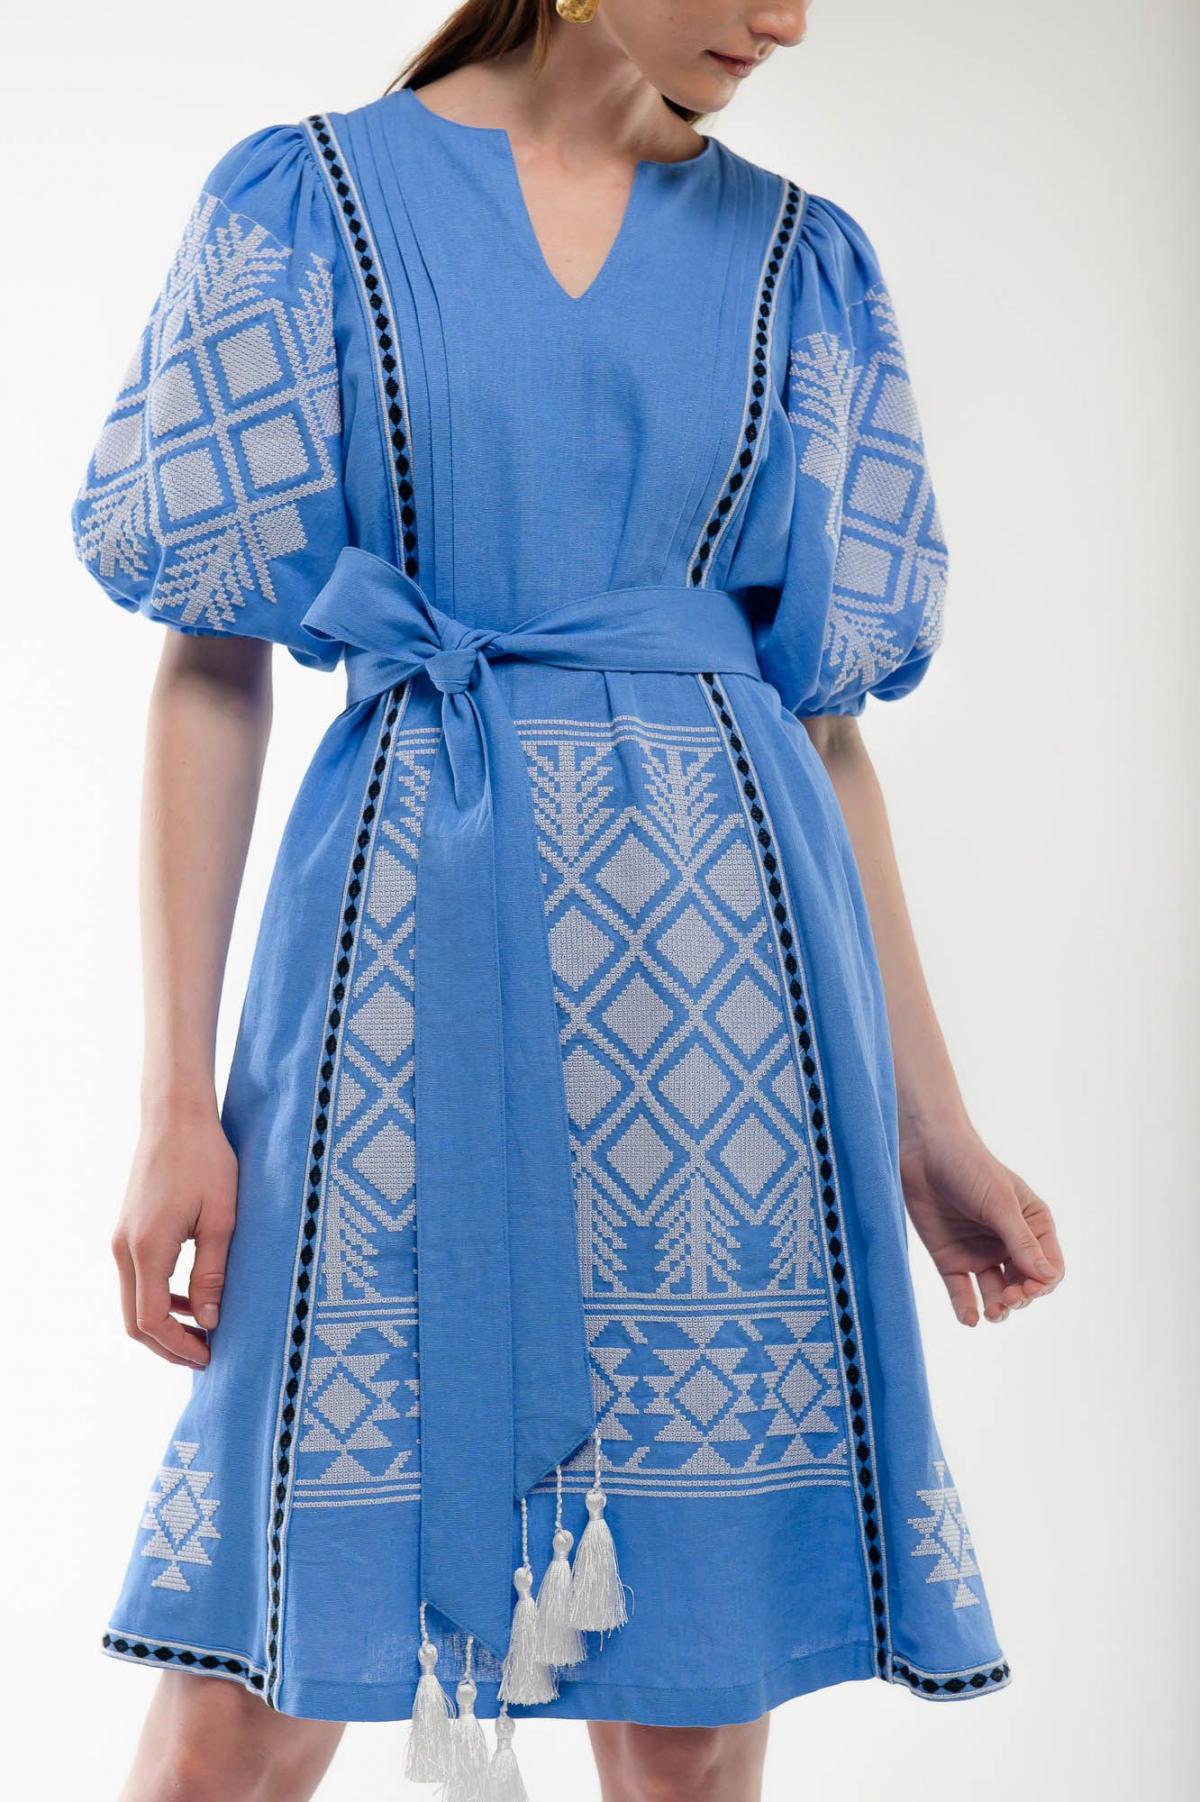 Платье вышиванка Милося голубое. Фото №2. | Народный дом Украина